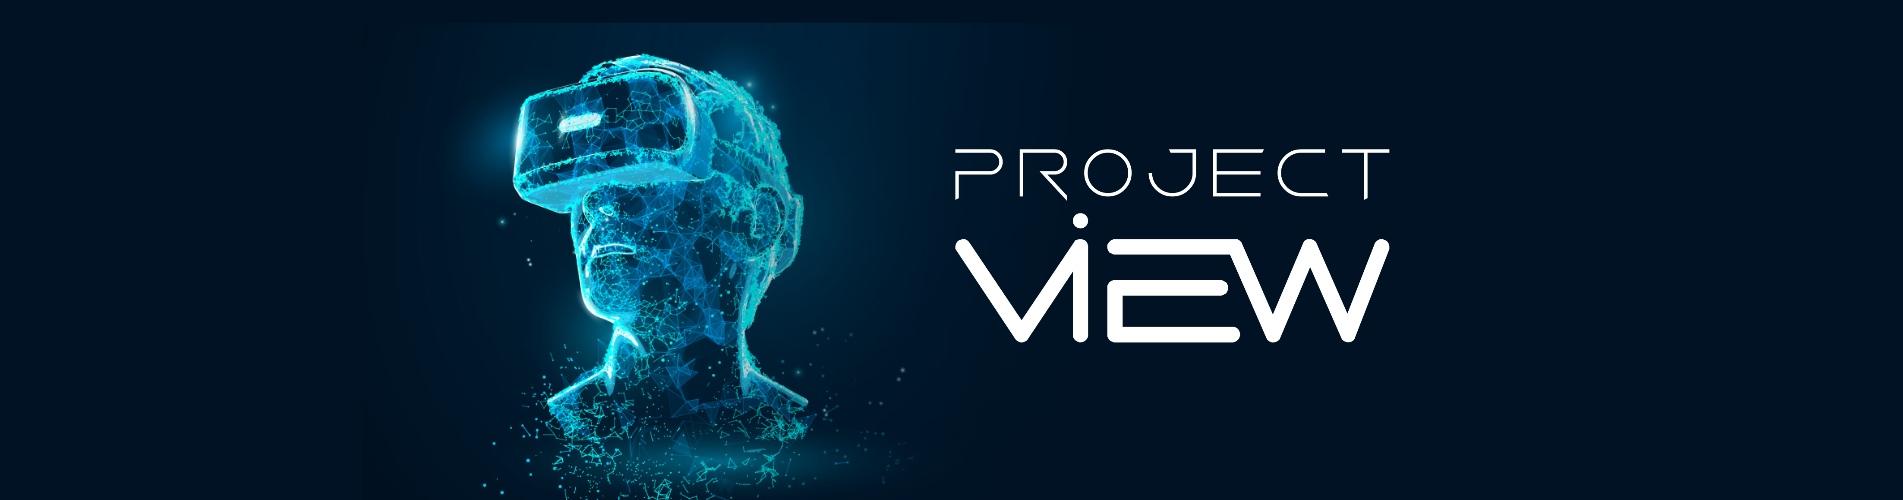 Réalité virtuelle ou réalité augmentée pour votre point de vente ? 9